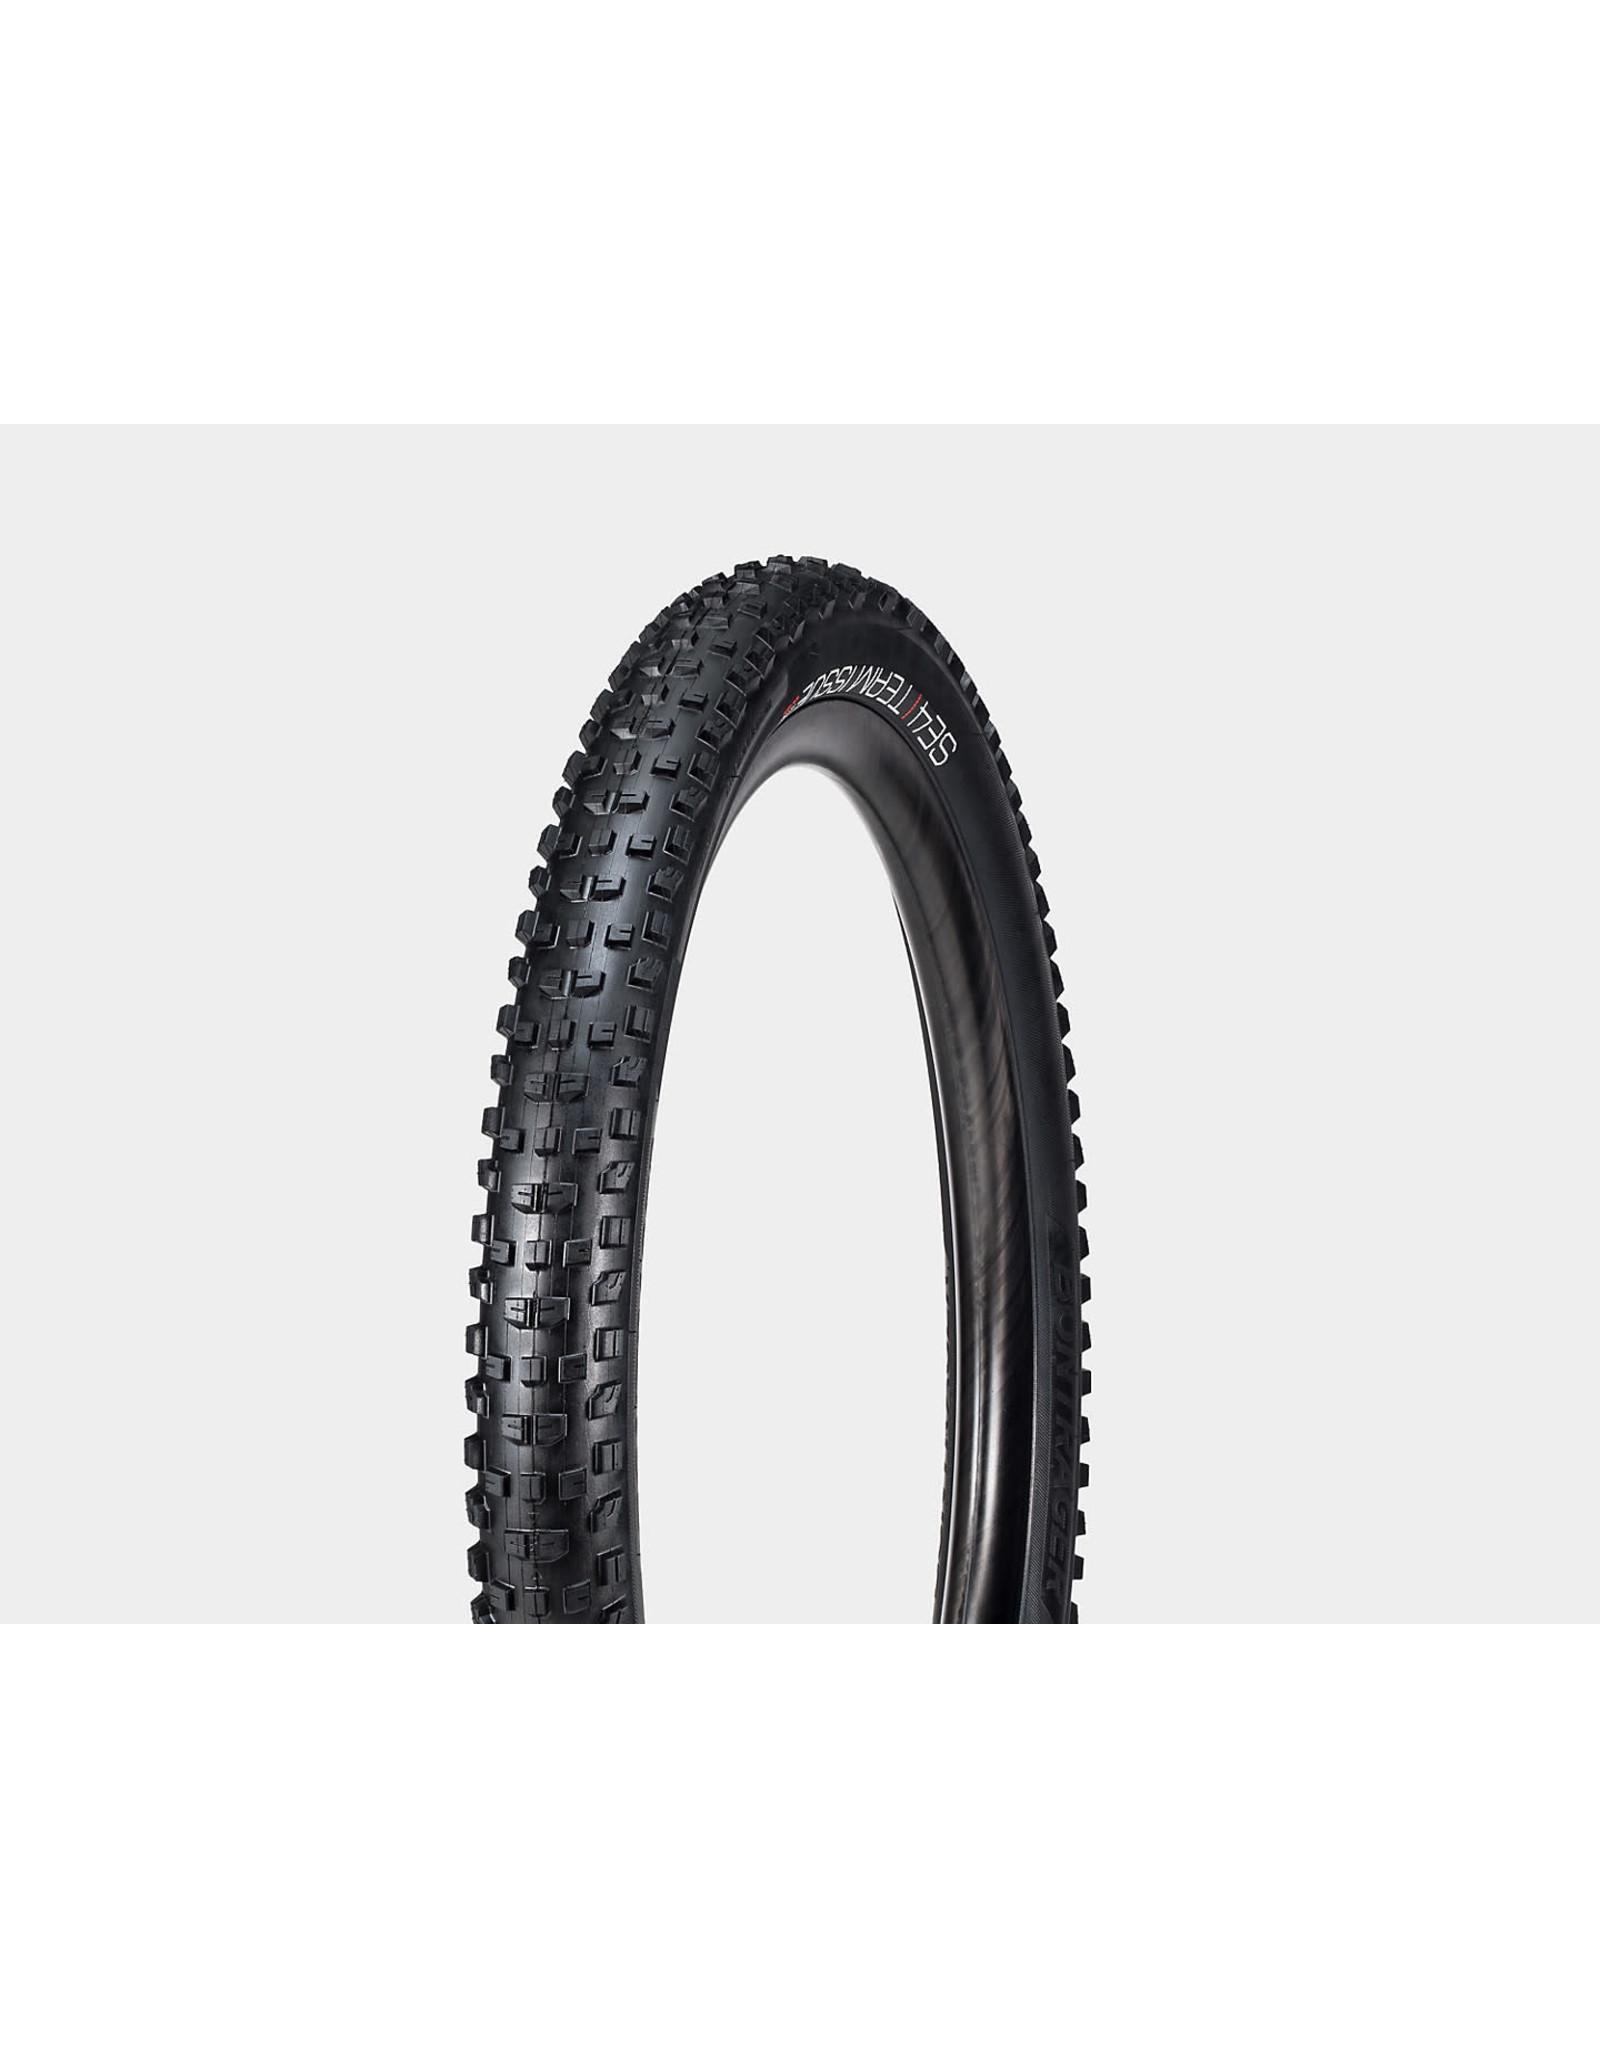 Bontrager Tire Bontrager SE4 Team Issue 27.5x2.60 TLR